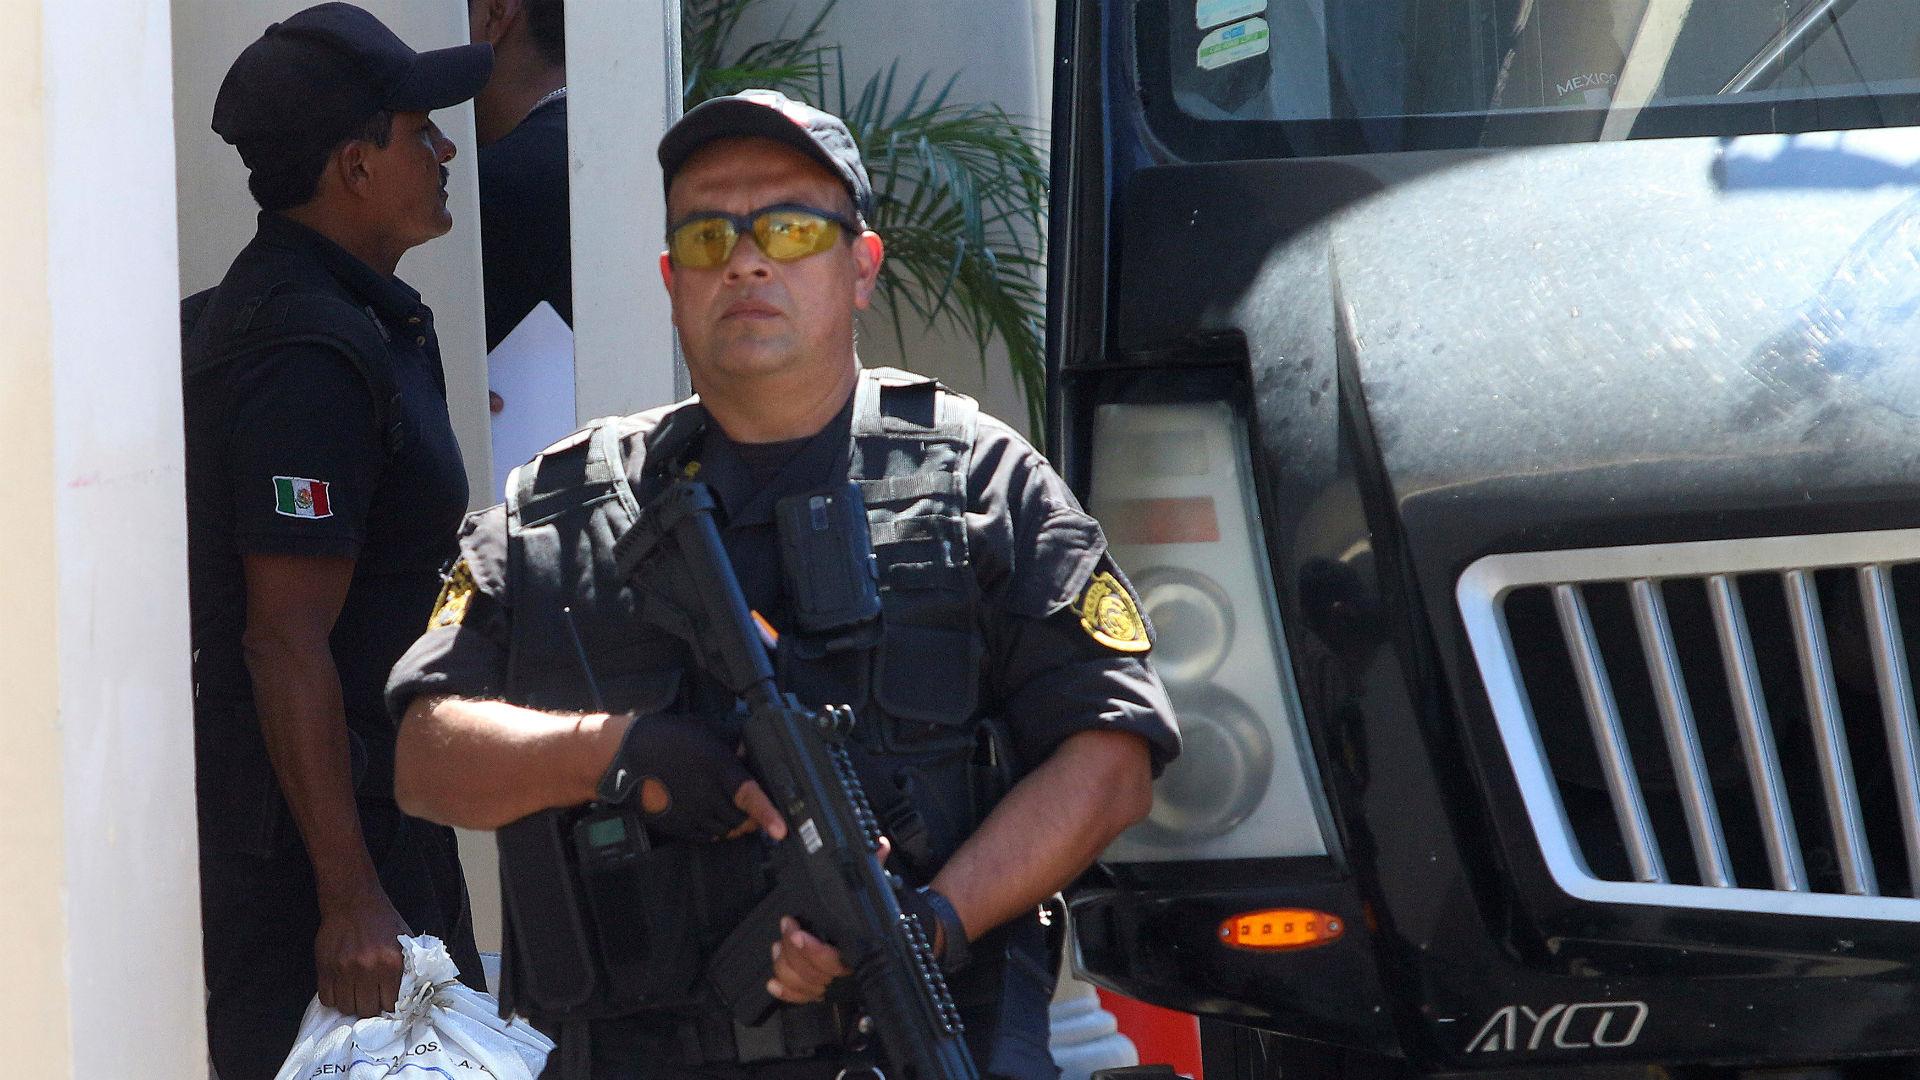 Un policía mexicano durante la investigación sobre los italianos desaparecidos en Tecalitlan, Jalisco (REUTERS/Fernando Carranza)